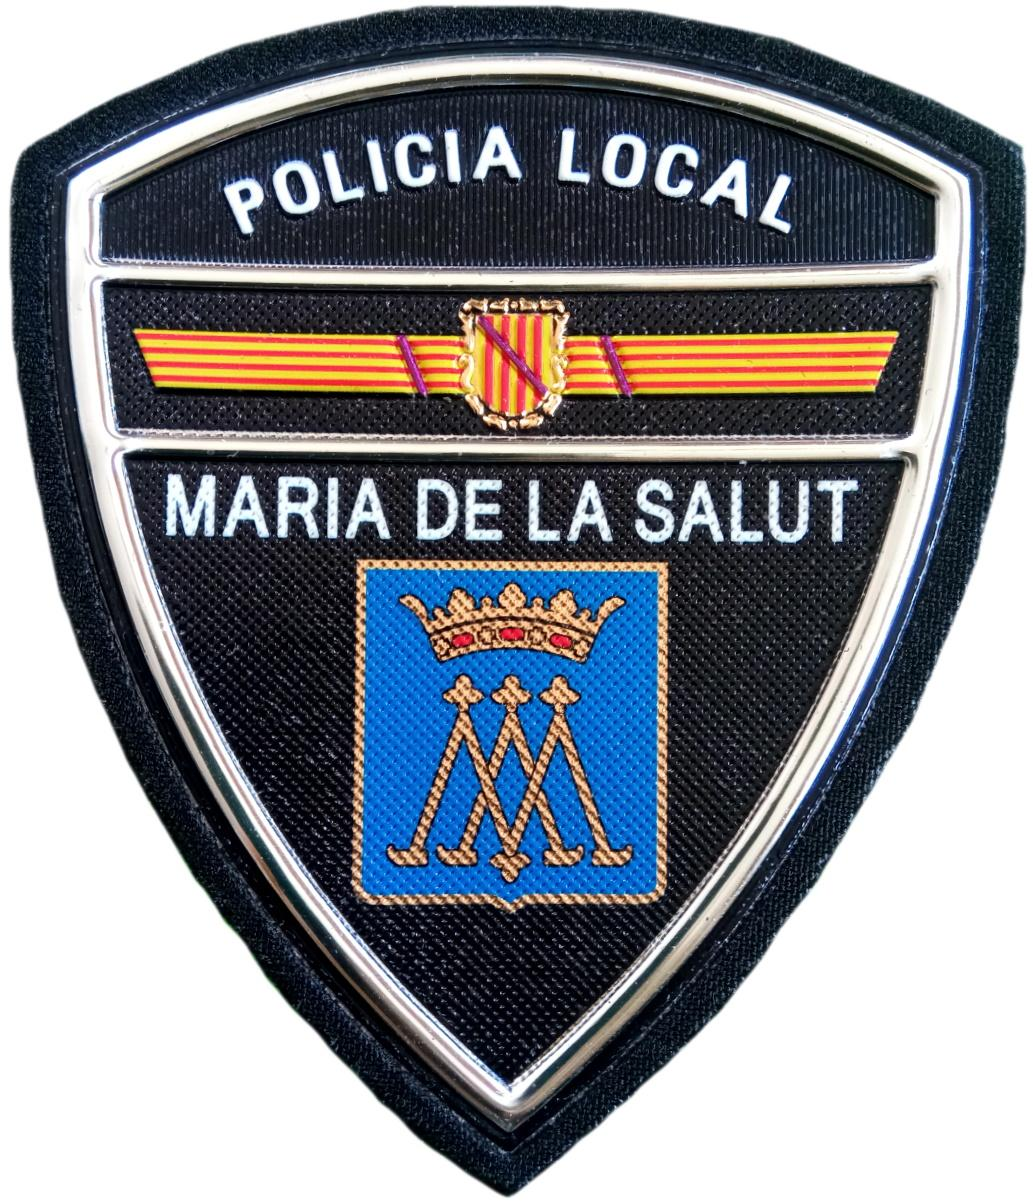 Policía Local María de la Salut parche insignia emblema distintivo